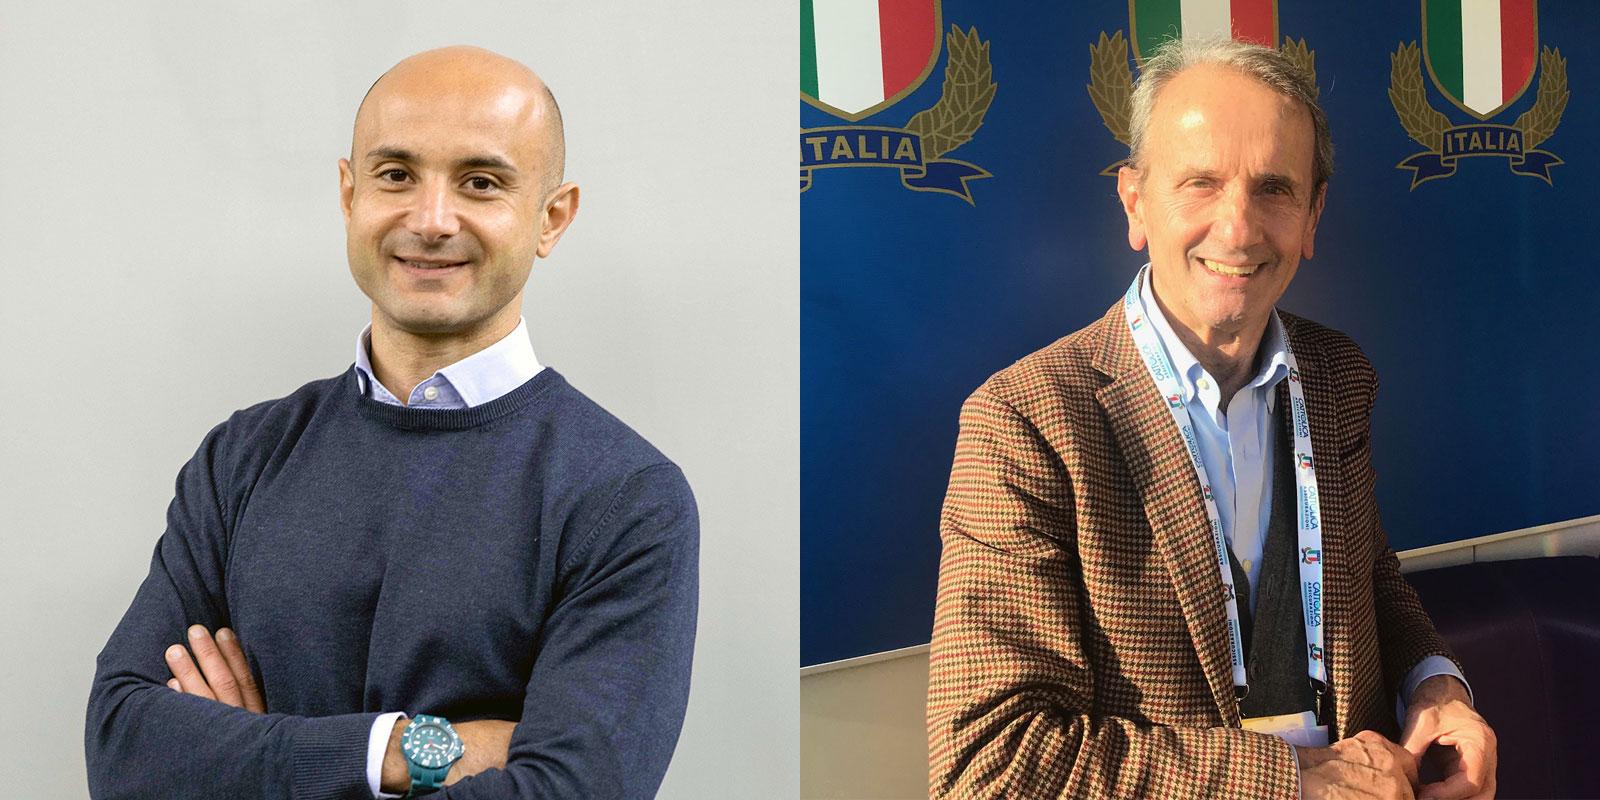 Disfunzioni dell'arto superiore: la spalla - Vincenzo Toscano - Maurizio Bertoni